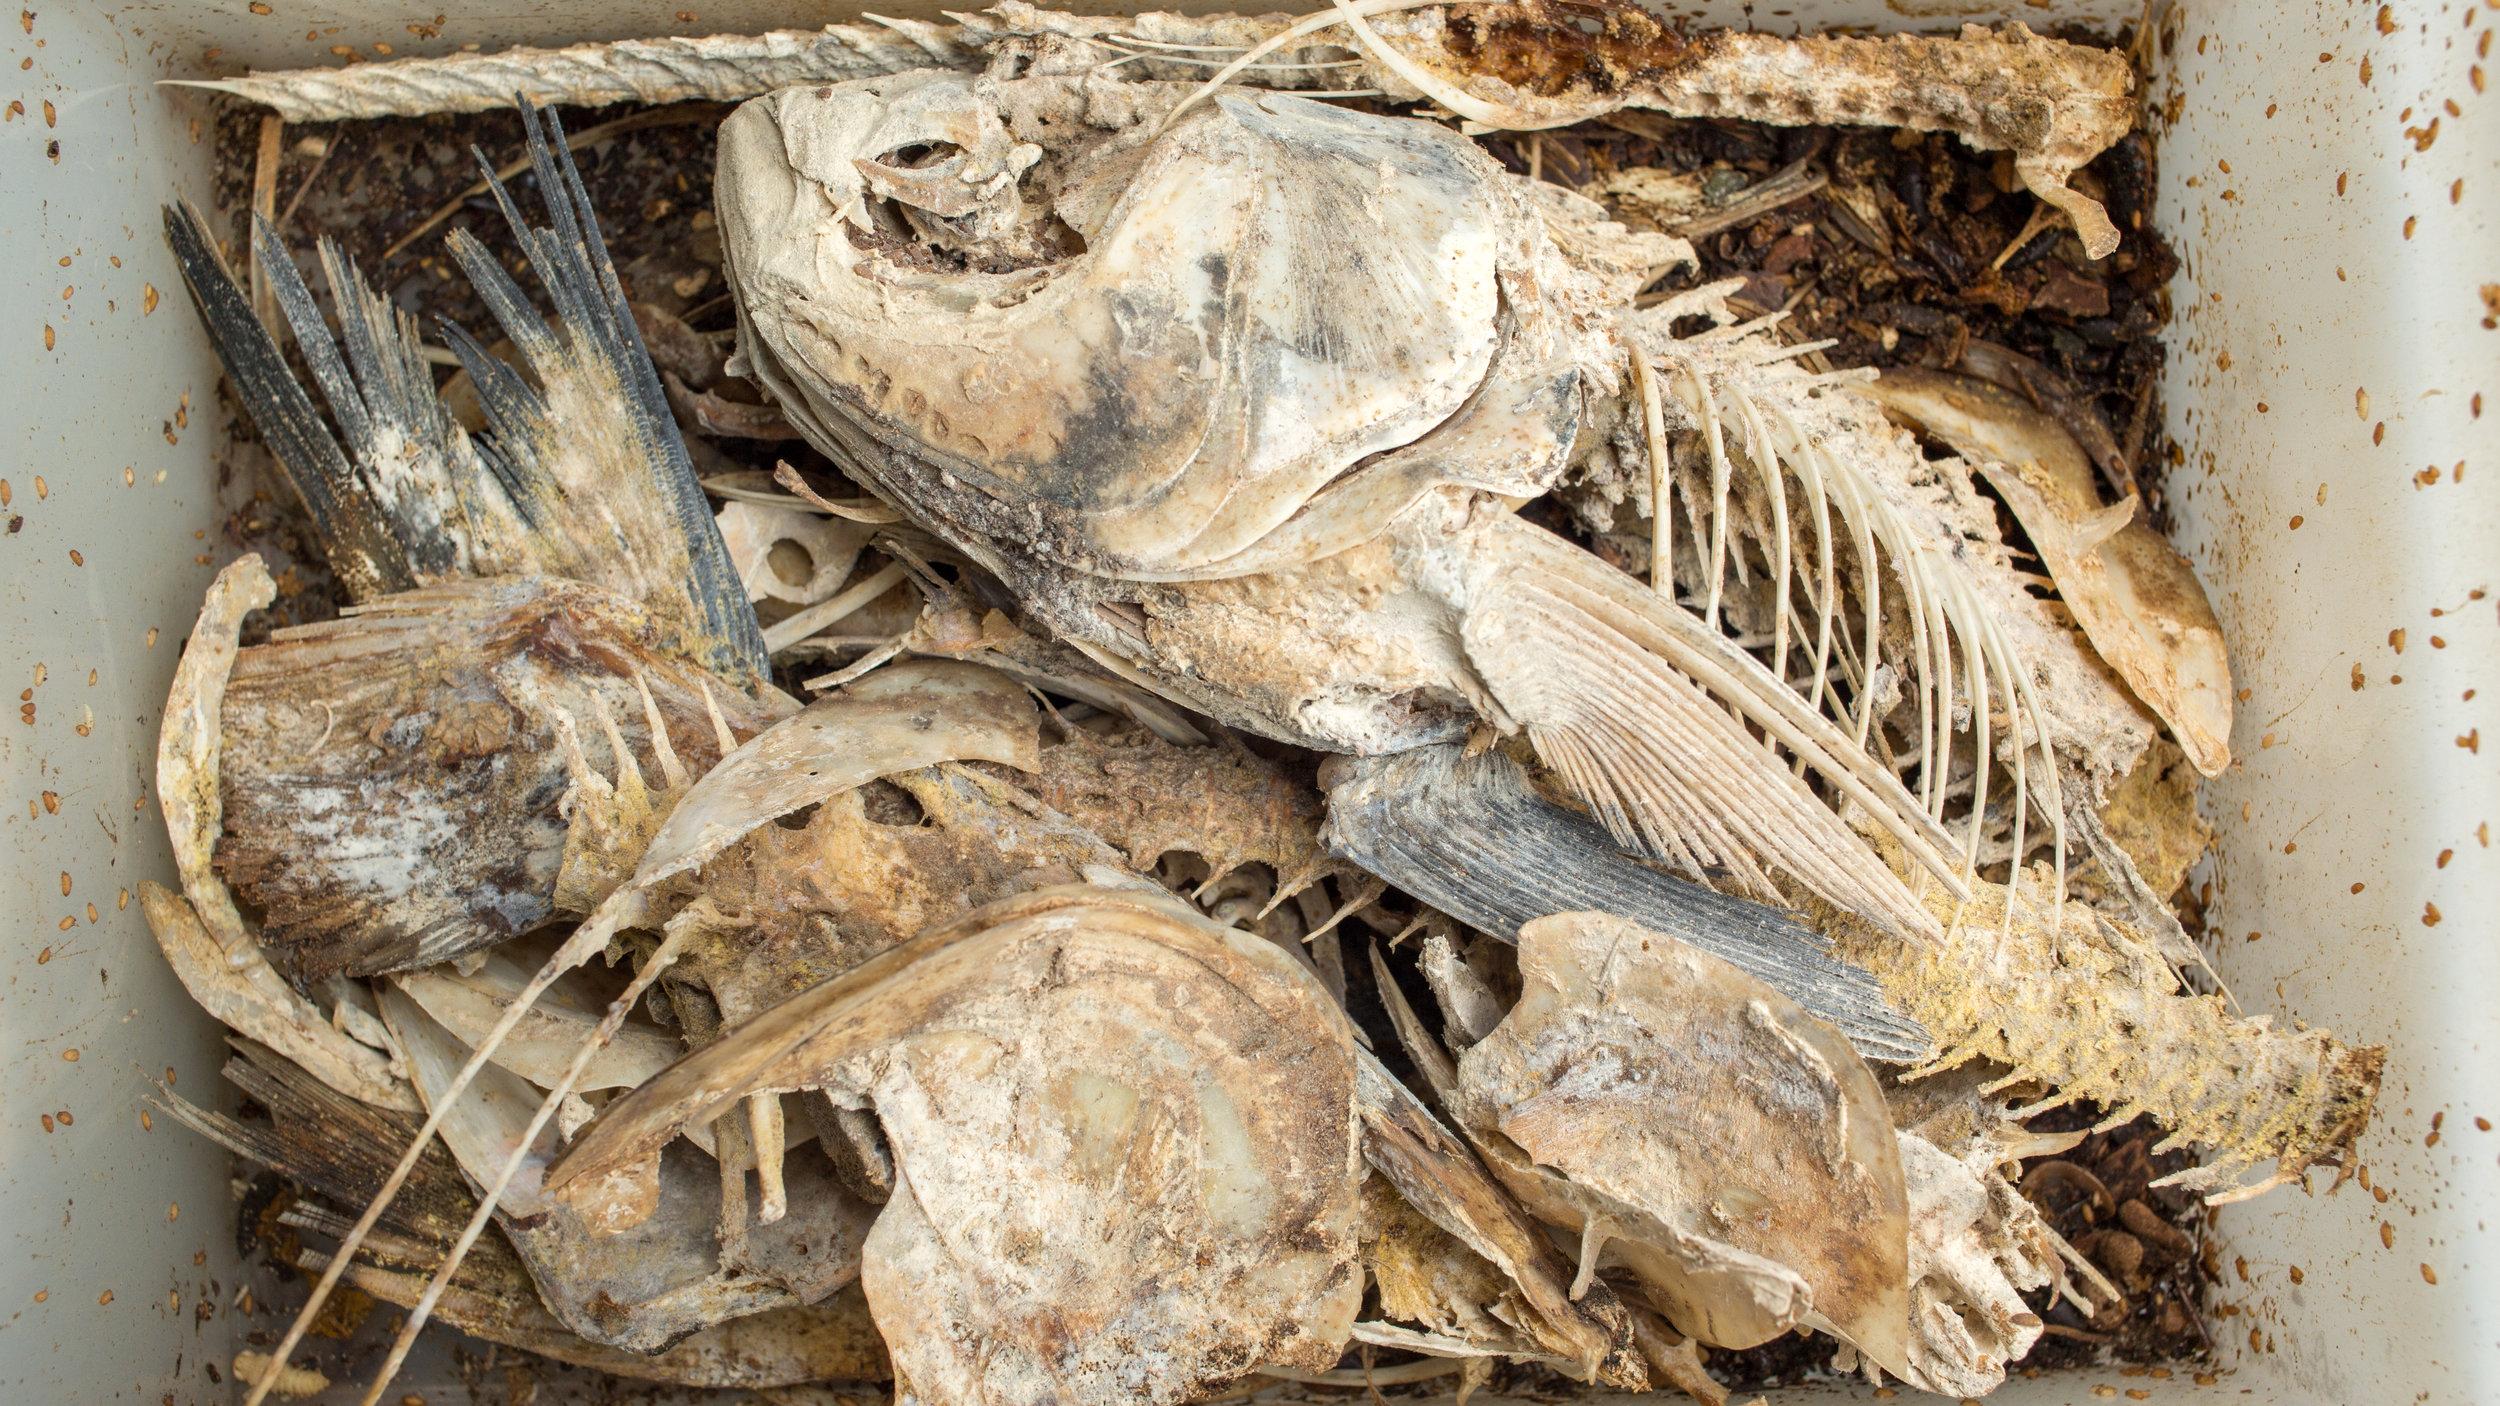 fish_bones_meal_25.jpg